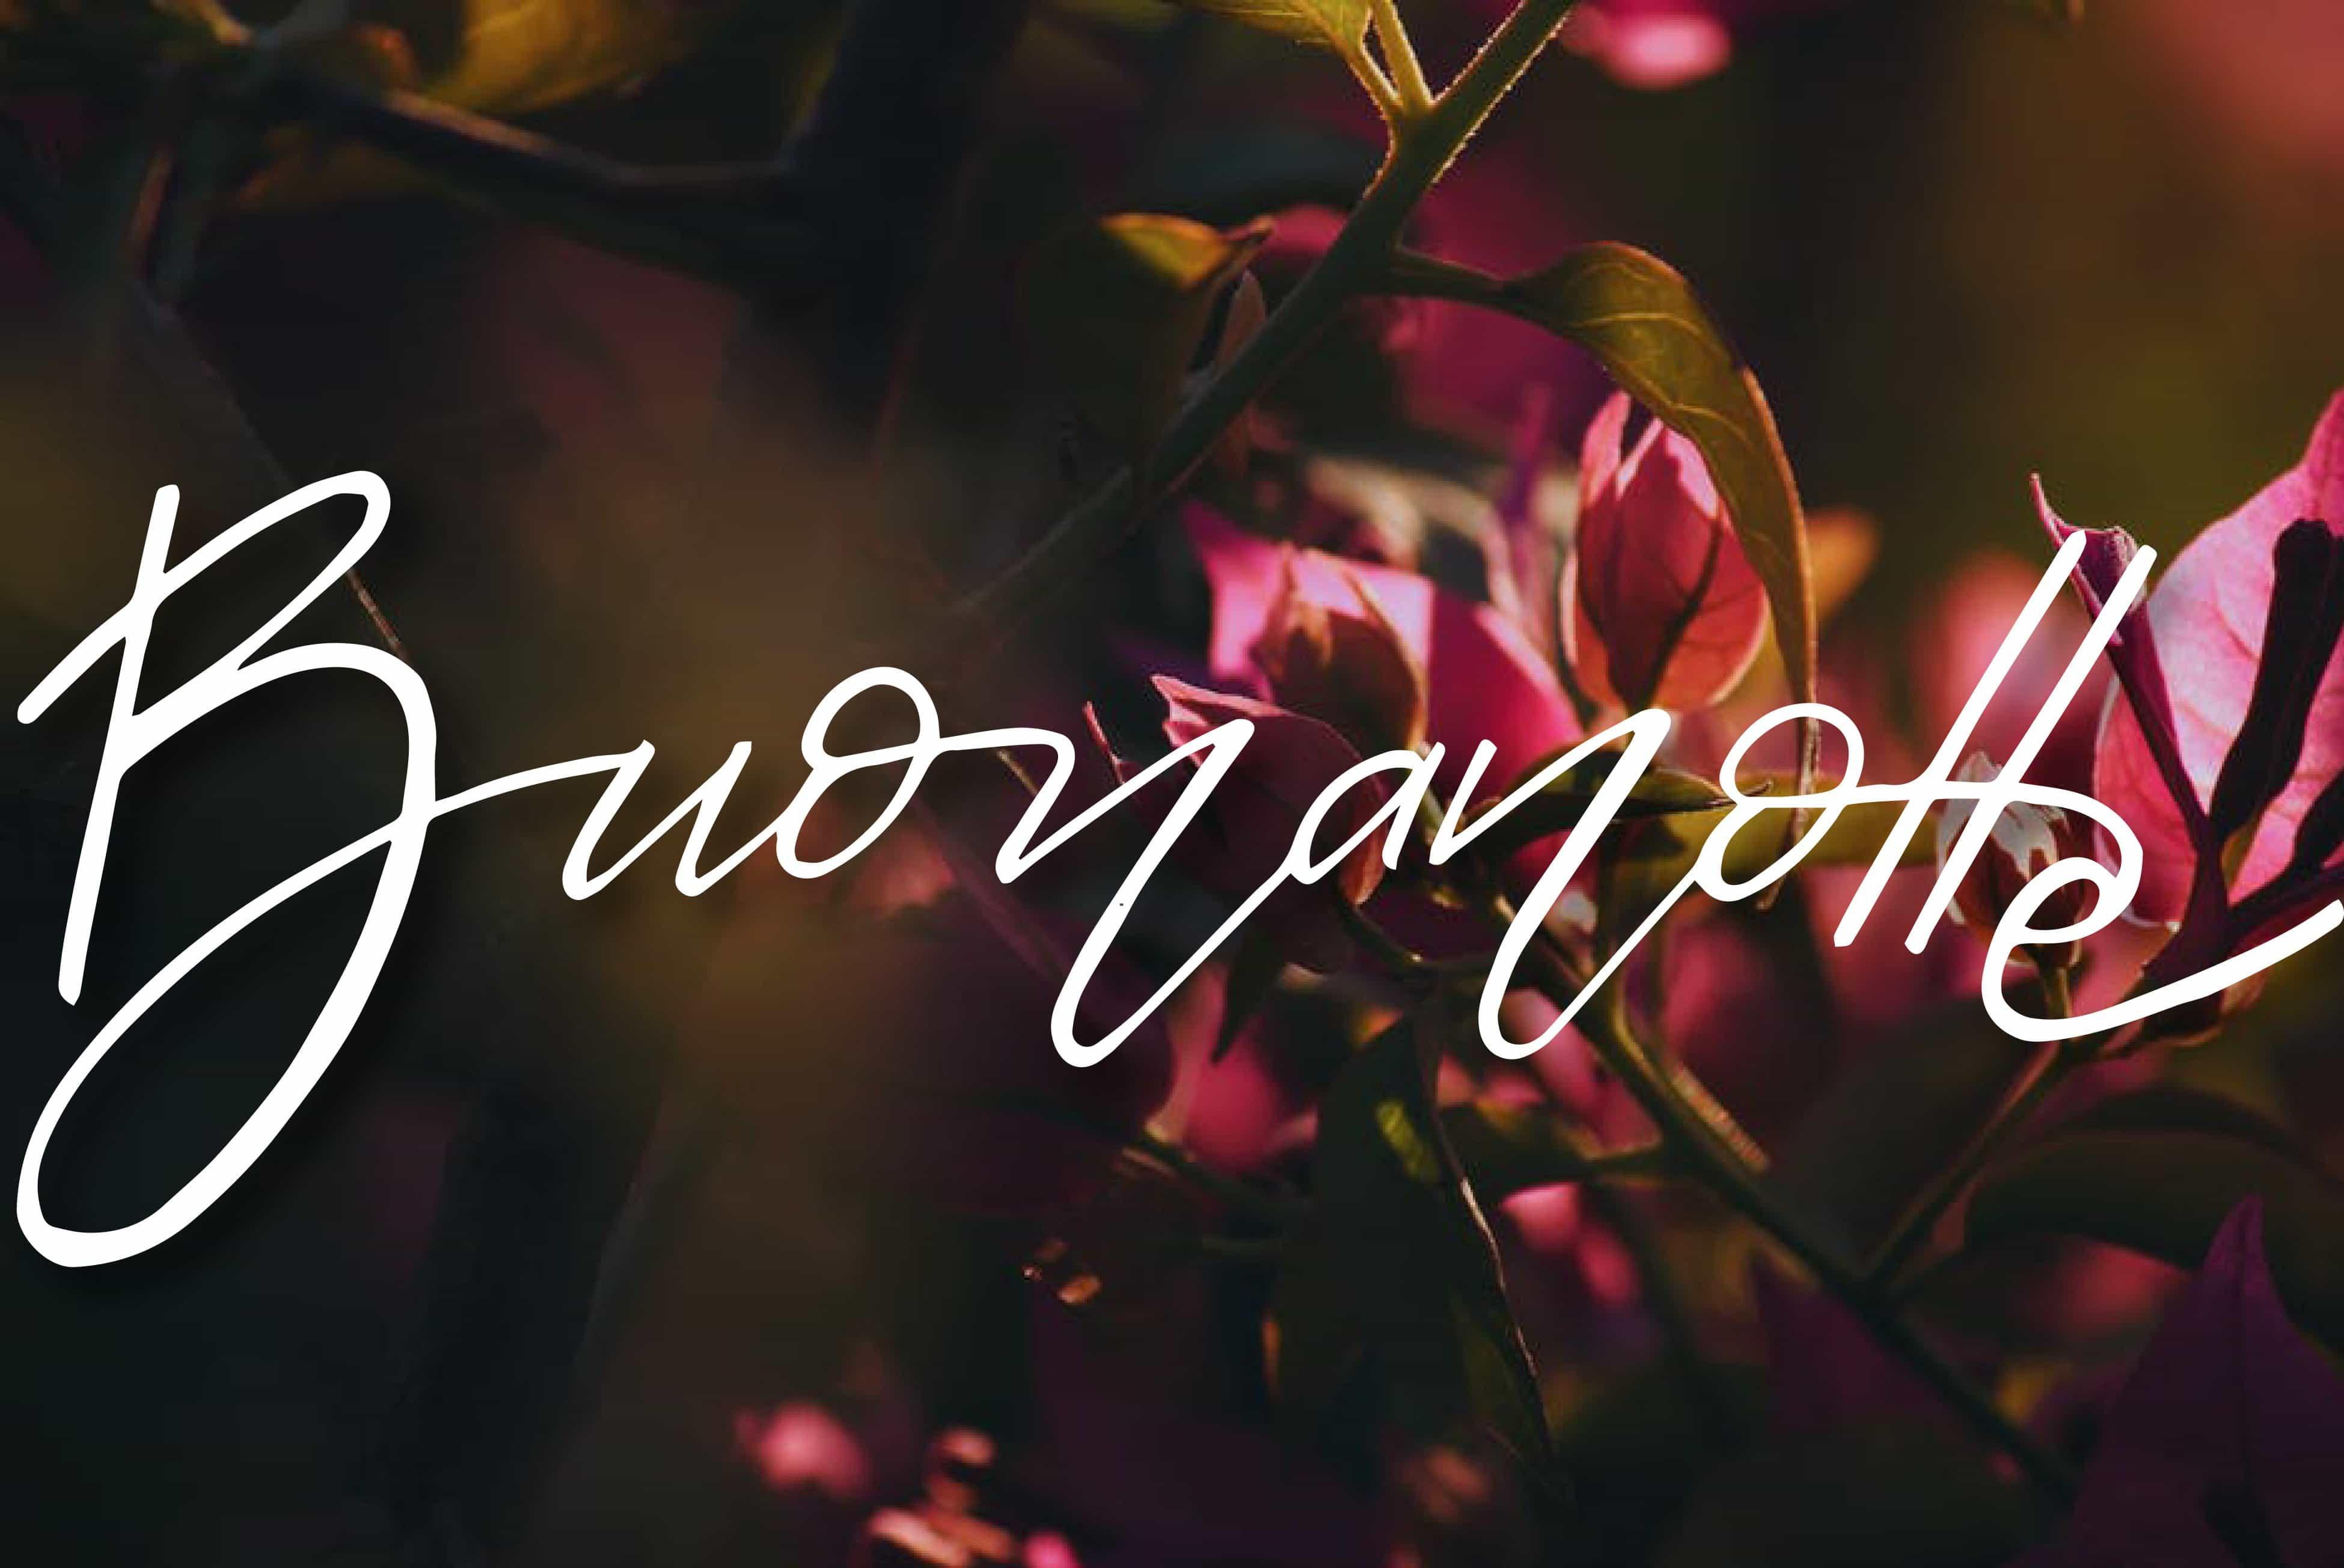 buonanotte con i fiori, auguriamo buona notte con il fiore